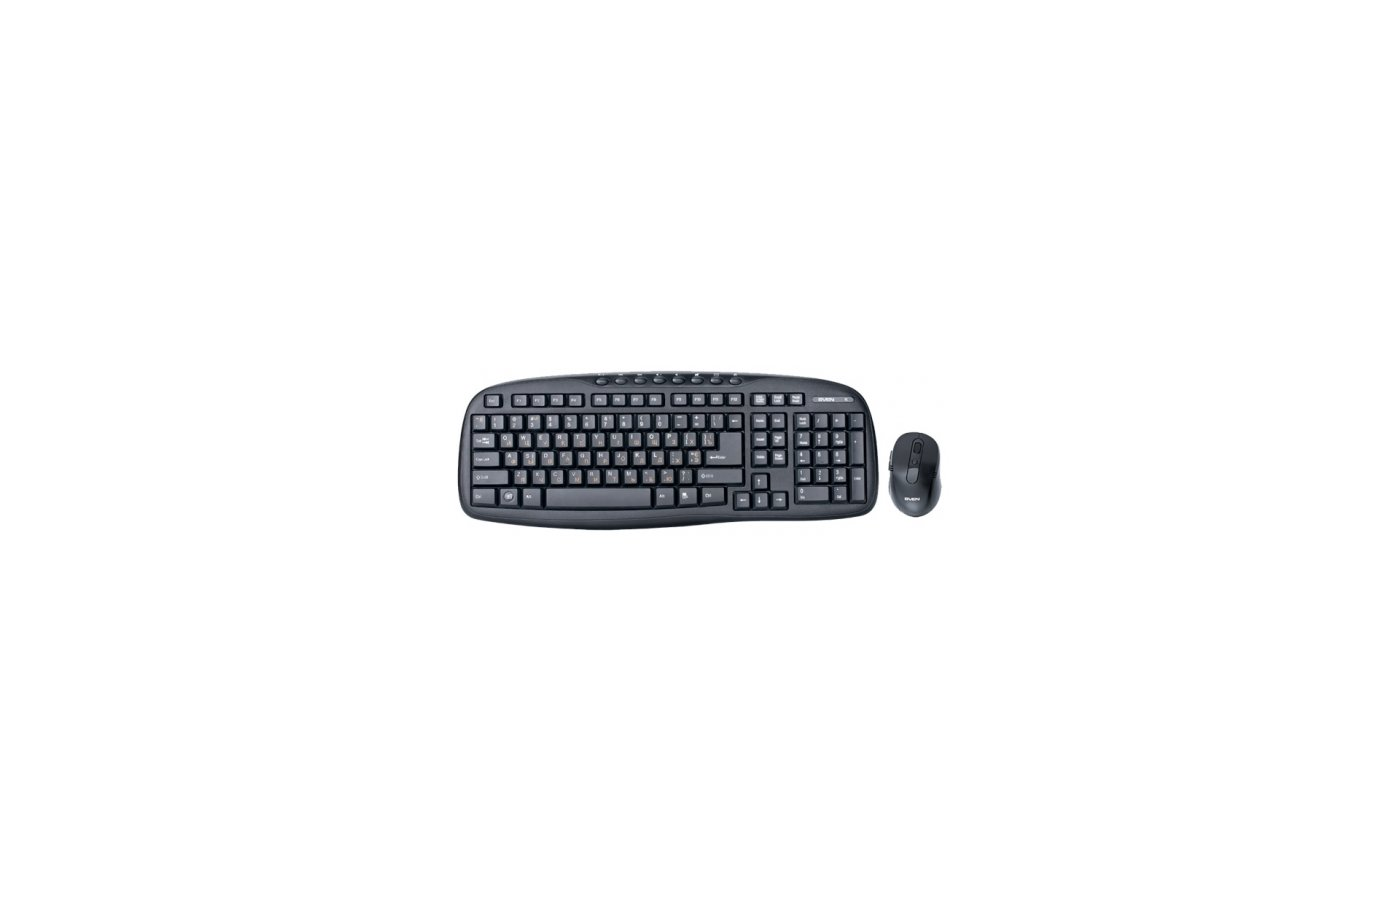 Клавиатура + мышь SVEN Comfort 3400 Wireless